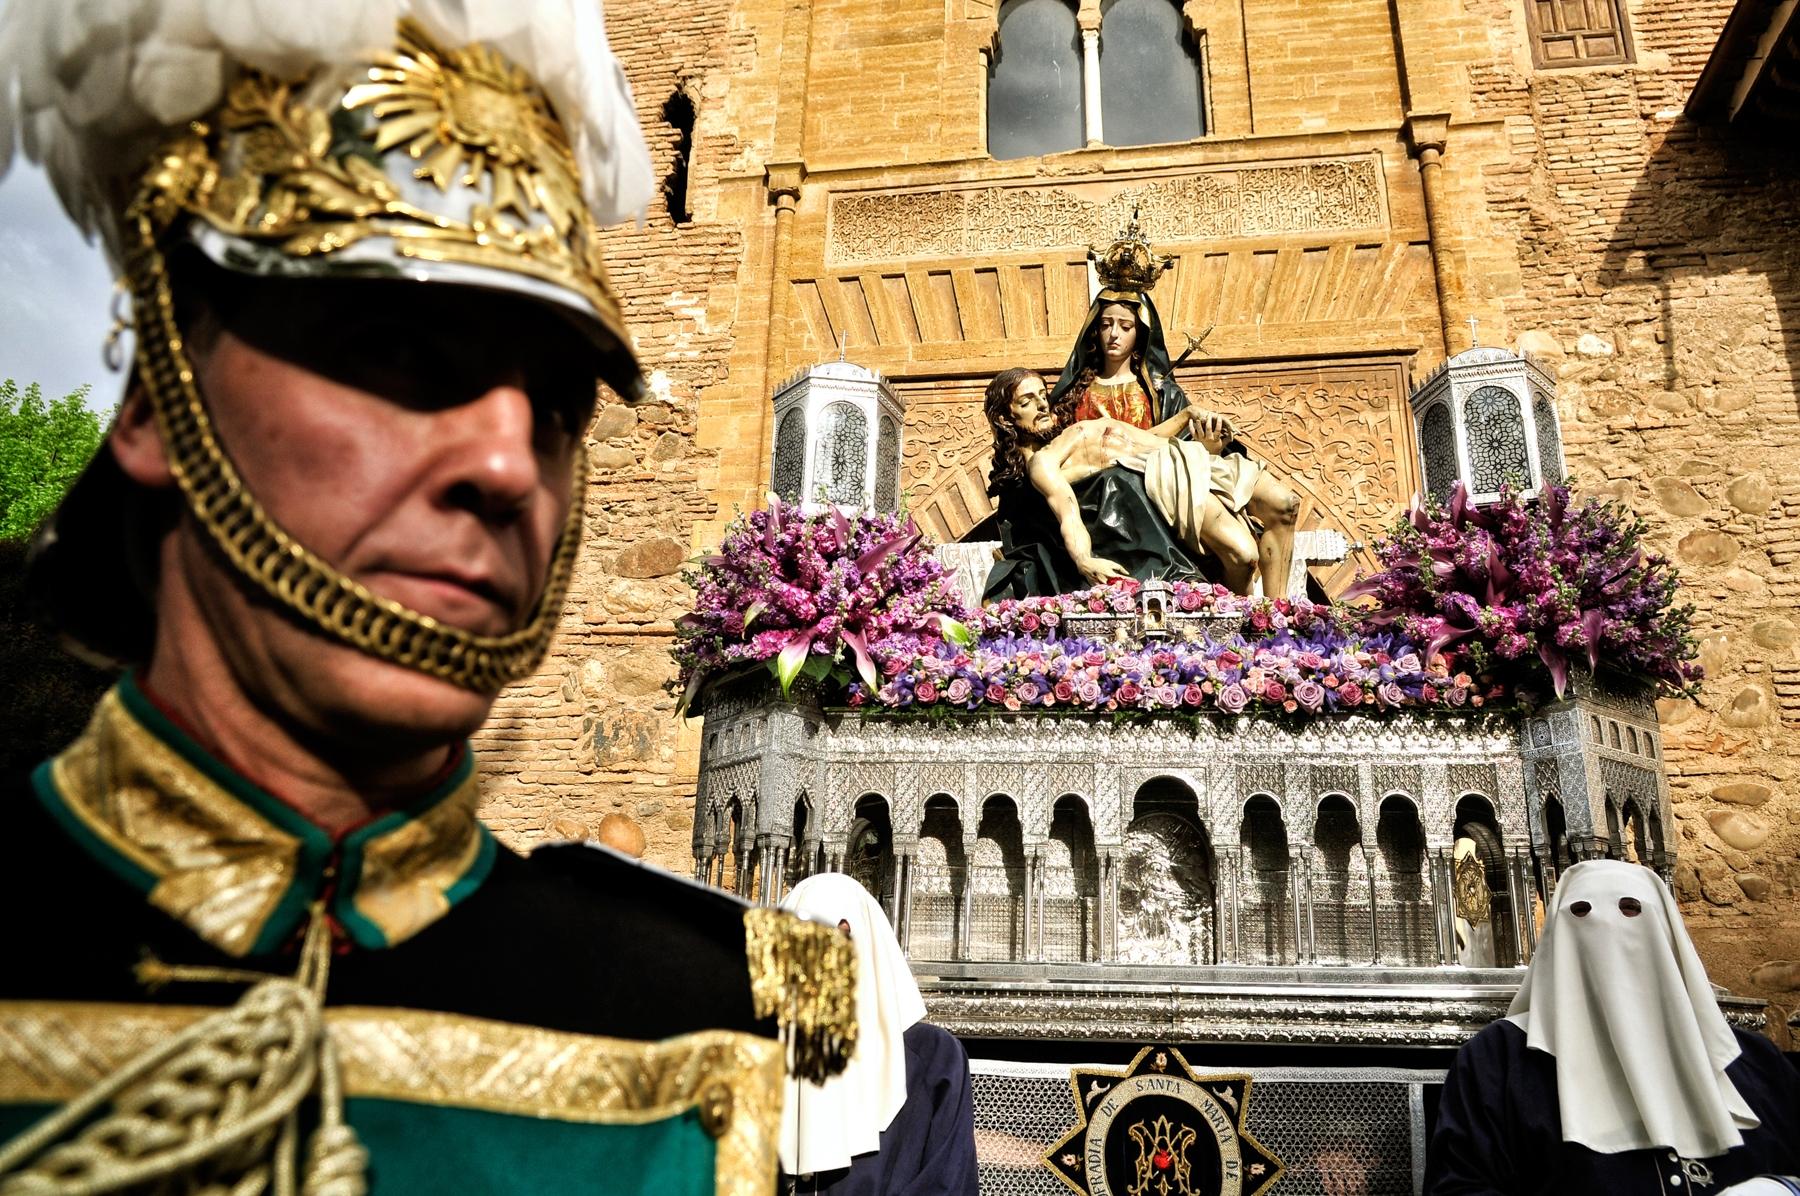 Imagen de la procesión de Santa Maria de la Alhambra a su paso por la Puerta del Vino © Bisual Studio